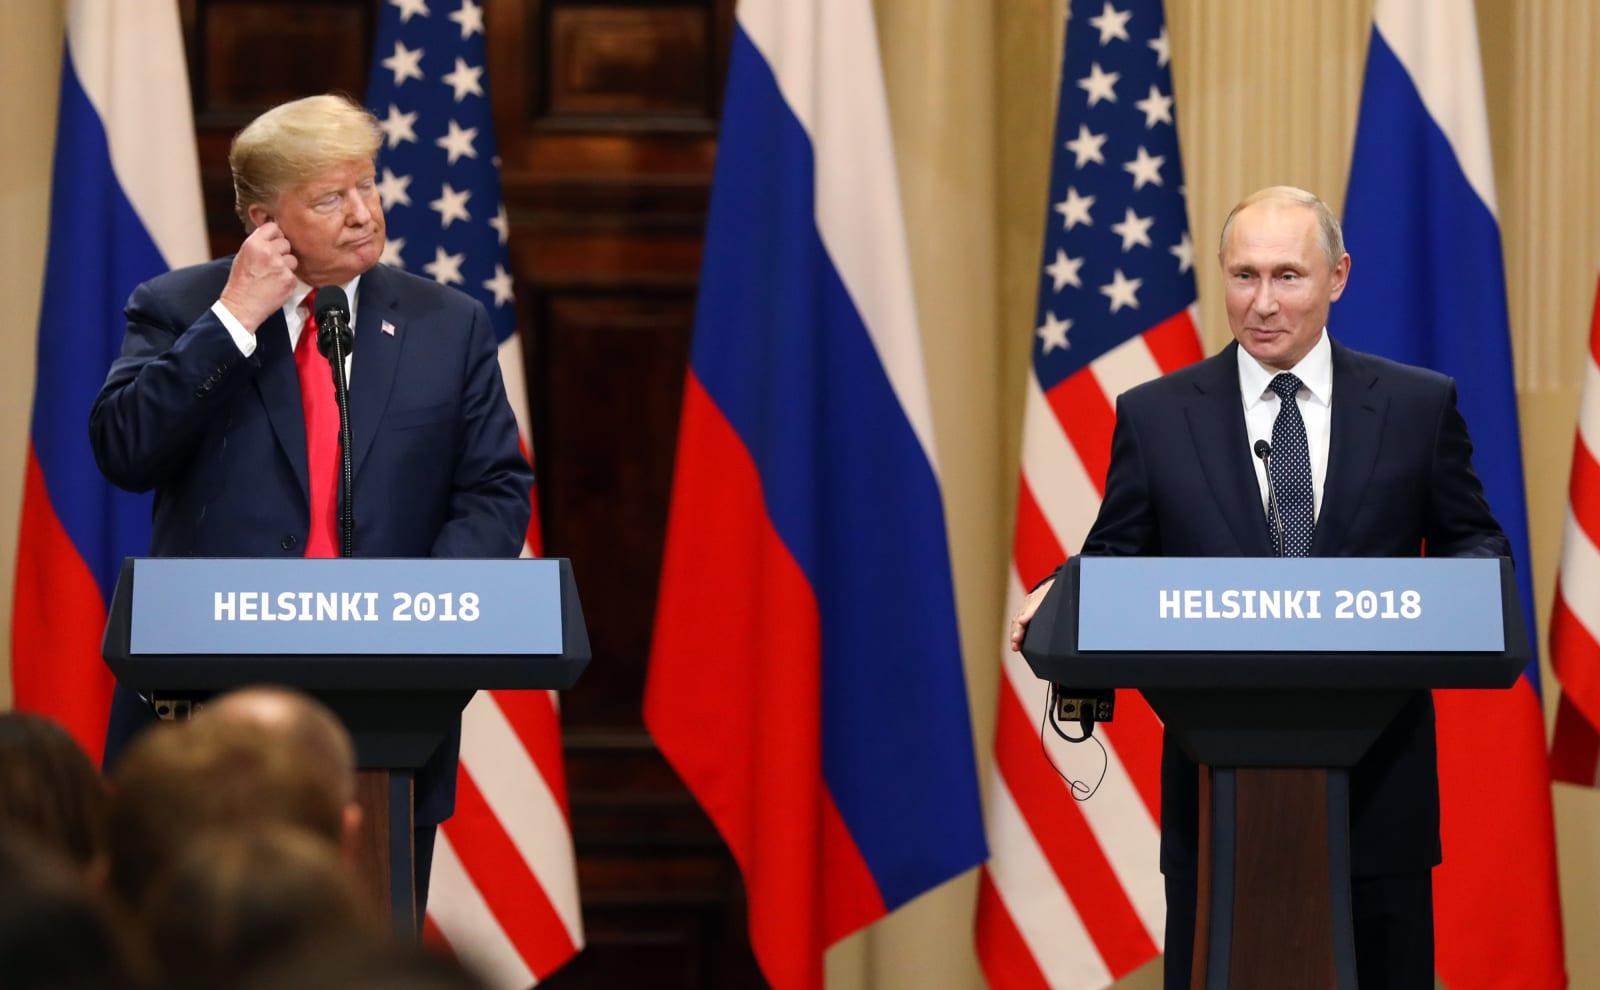 U.S. President Donald Trump And Russian President Vladimir Putin's Helsinki Summit